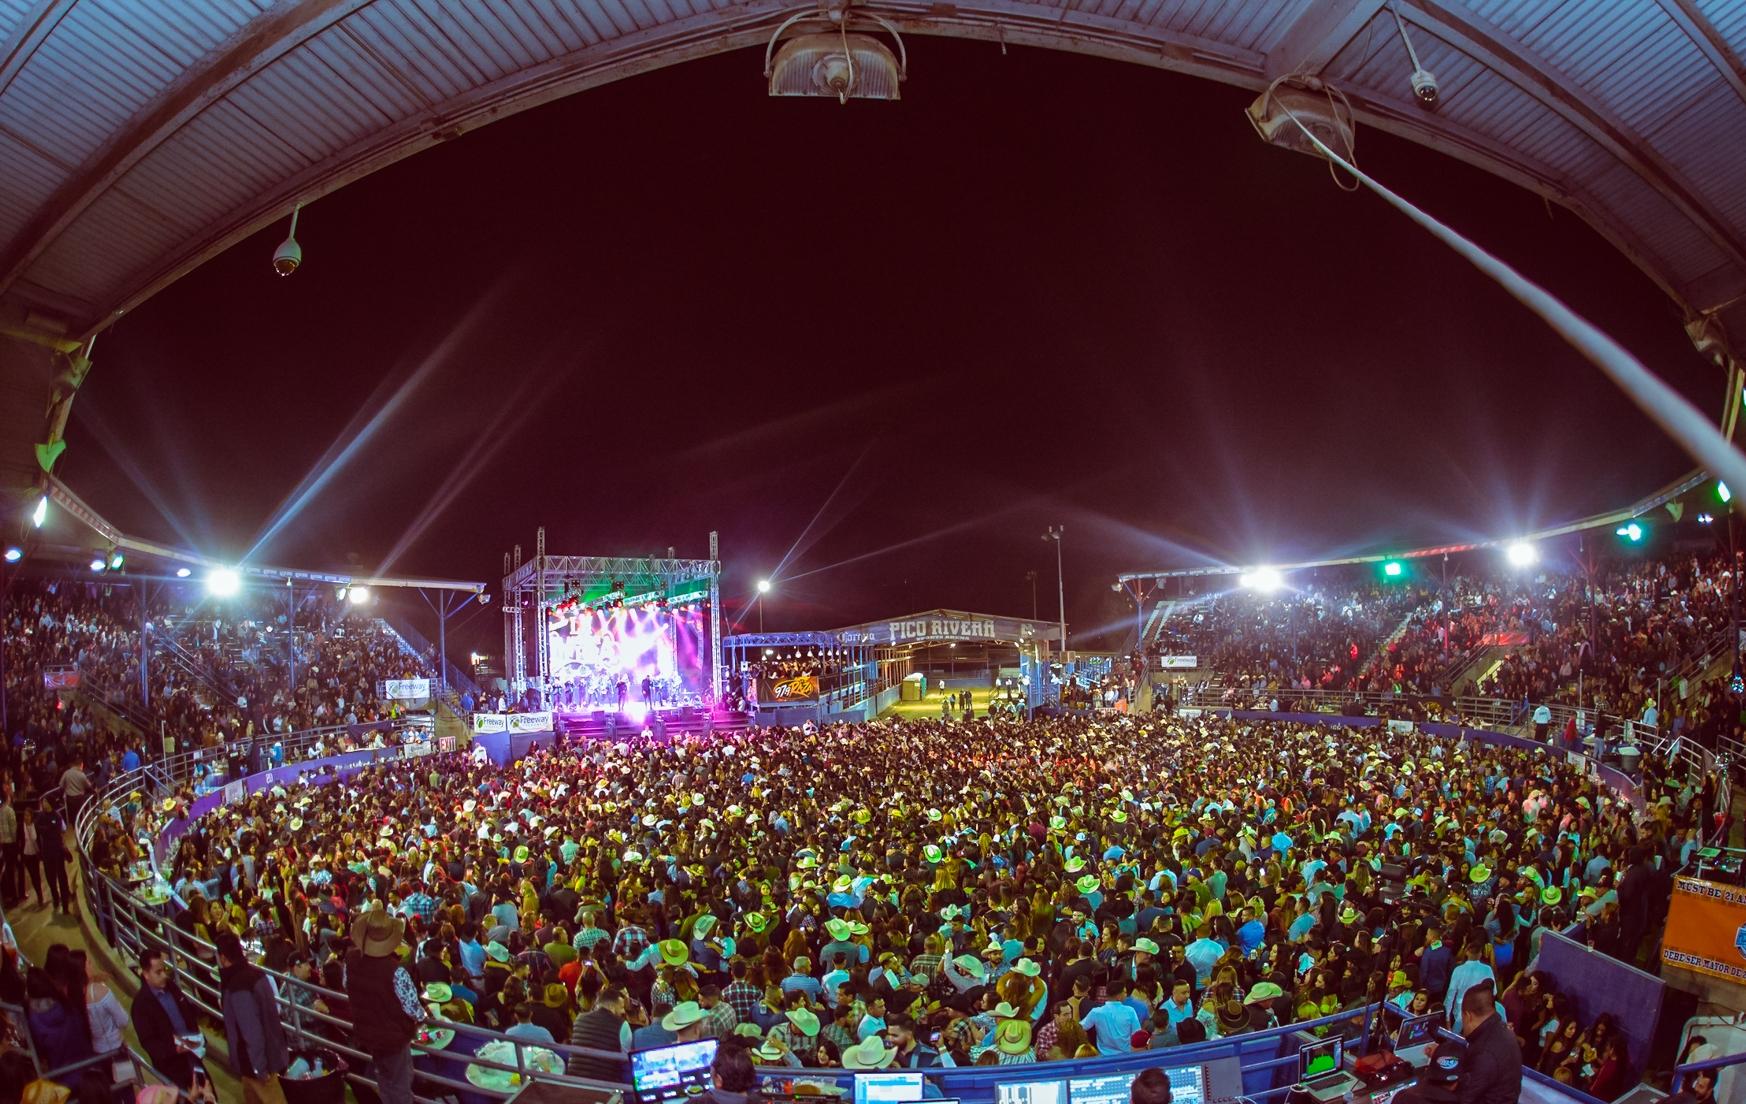 Pico Rivera Sports Arena